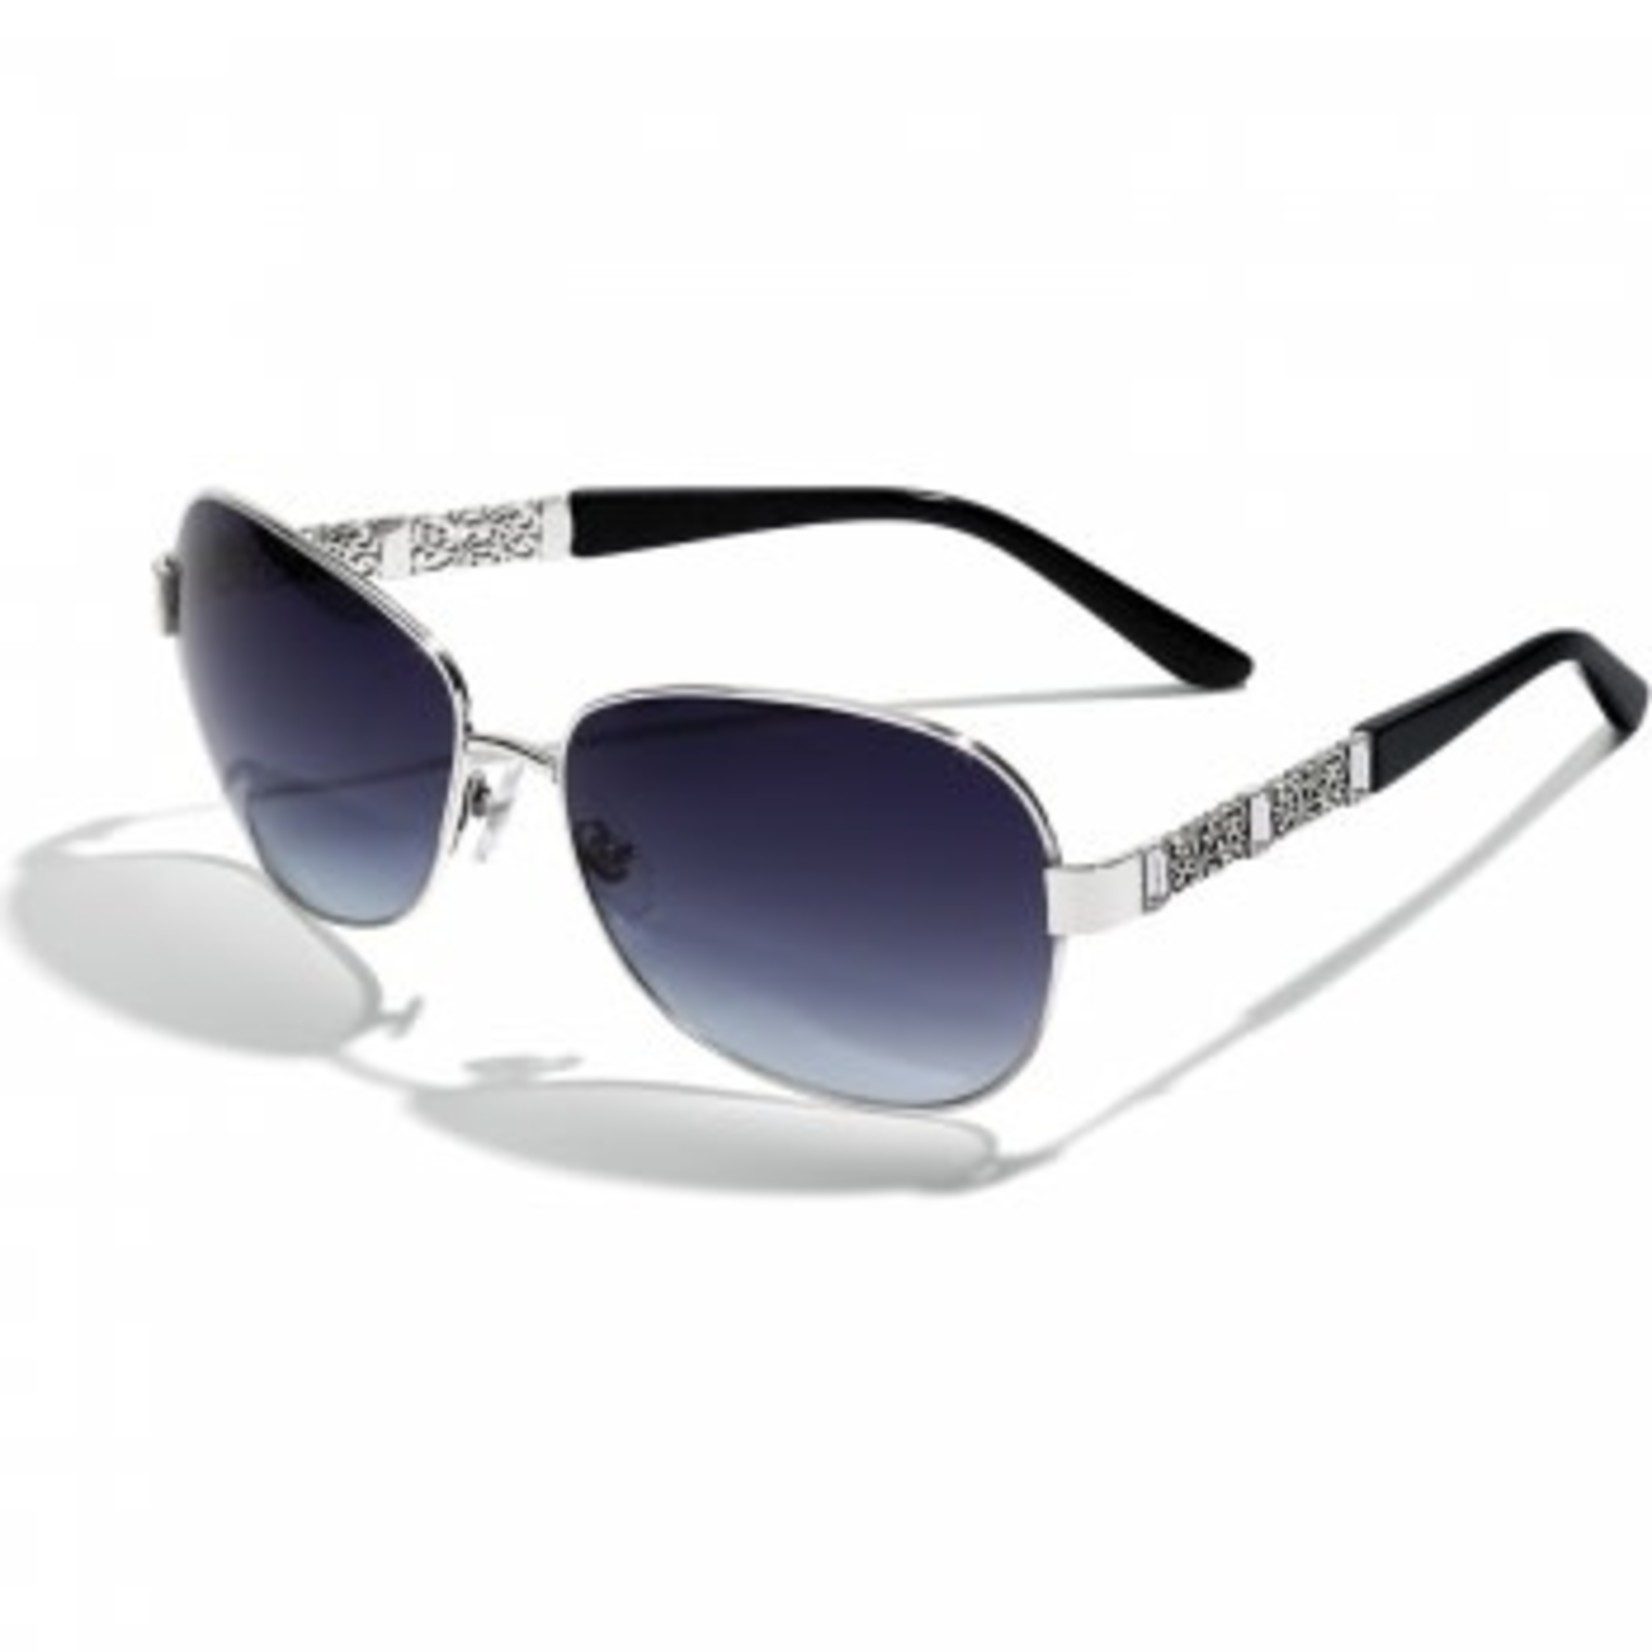 Brighton Baroness Sunglasses